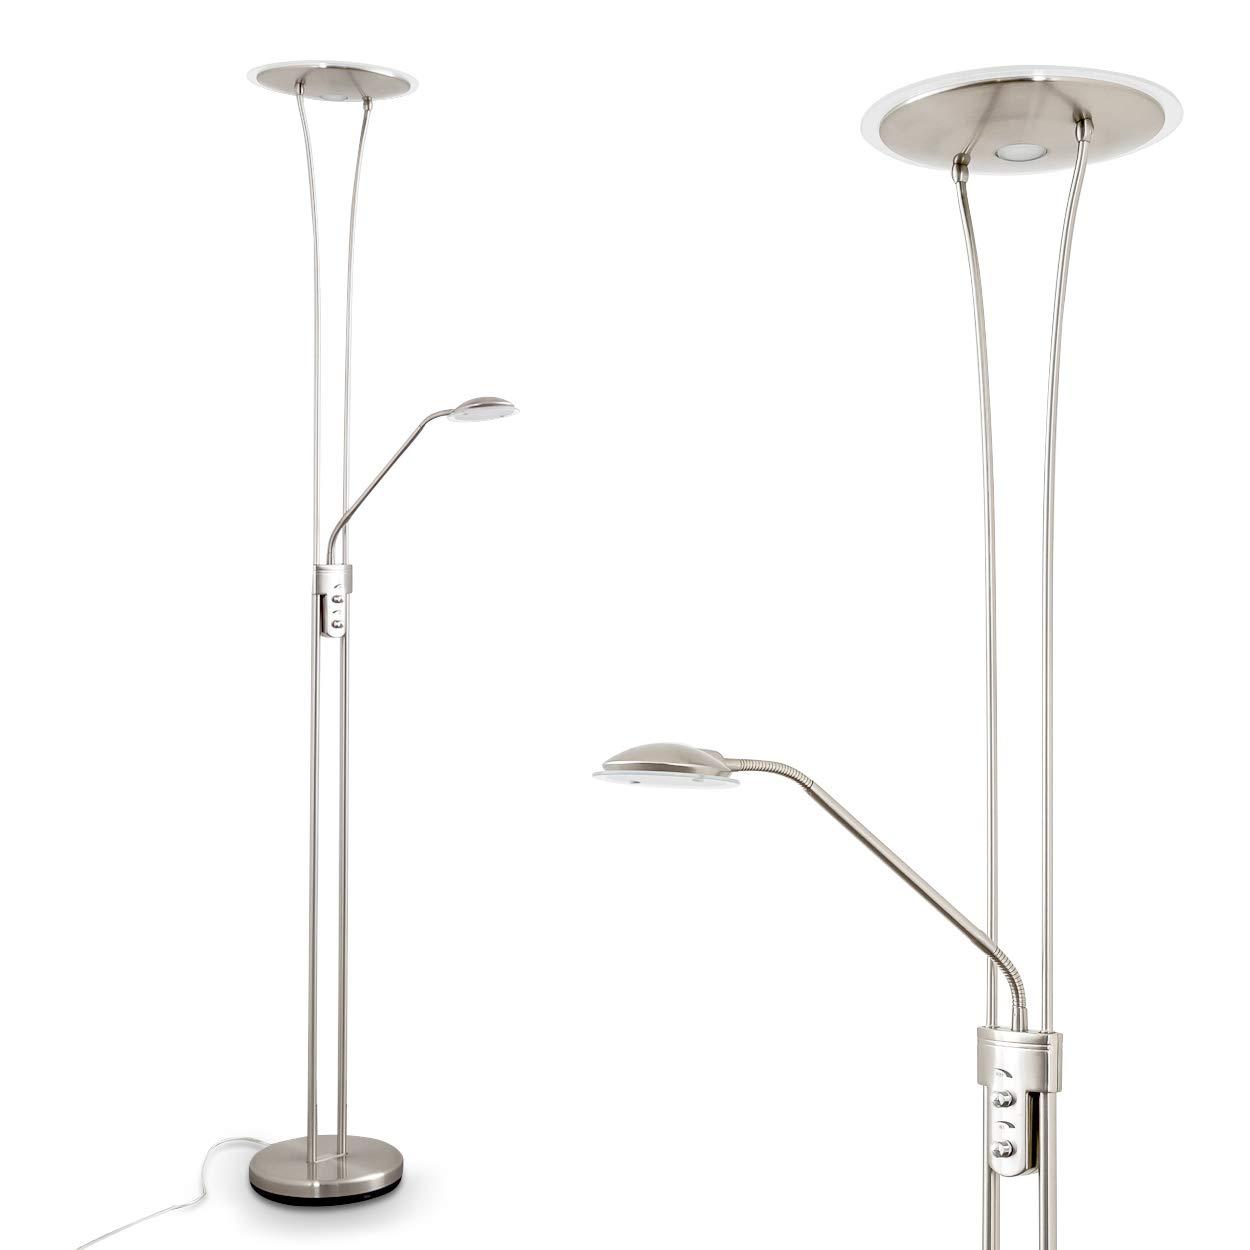 LED Deckenfluter mit Leselampe Marana Nickel – dimmbar mit Drehdimmer - 1620 Lumen | 450 Lumen – 3000 Kelvin - Lampenschirme Glas – LED-Lampen – Wohnzimmer – Lampe Flur – Stehlampe – 176,5 cm Höhe